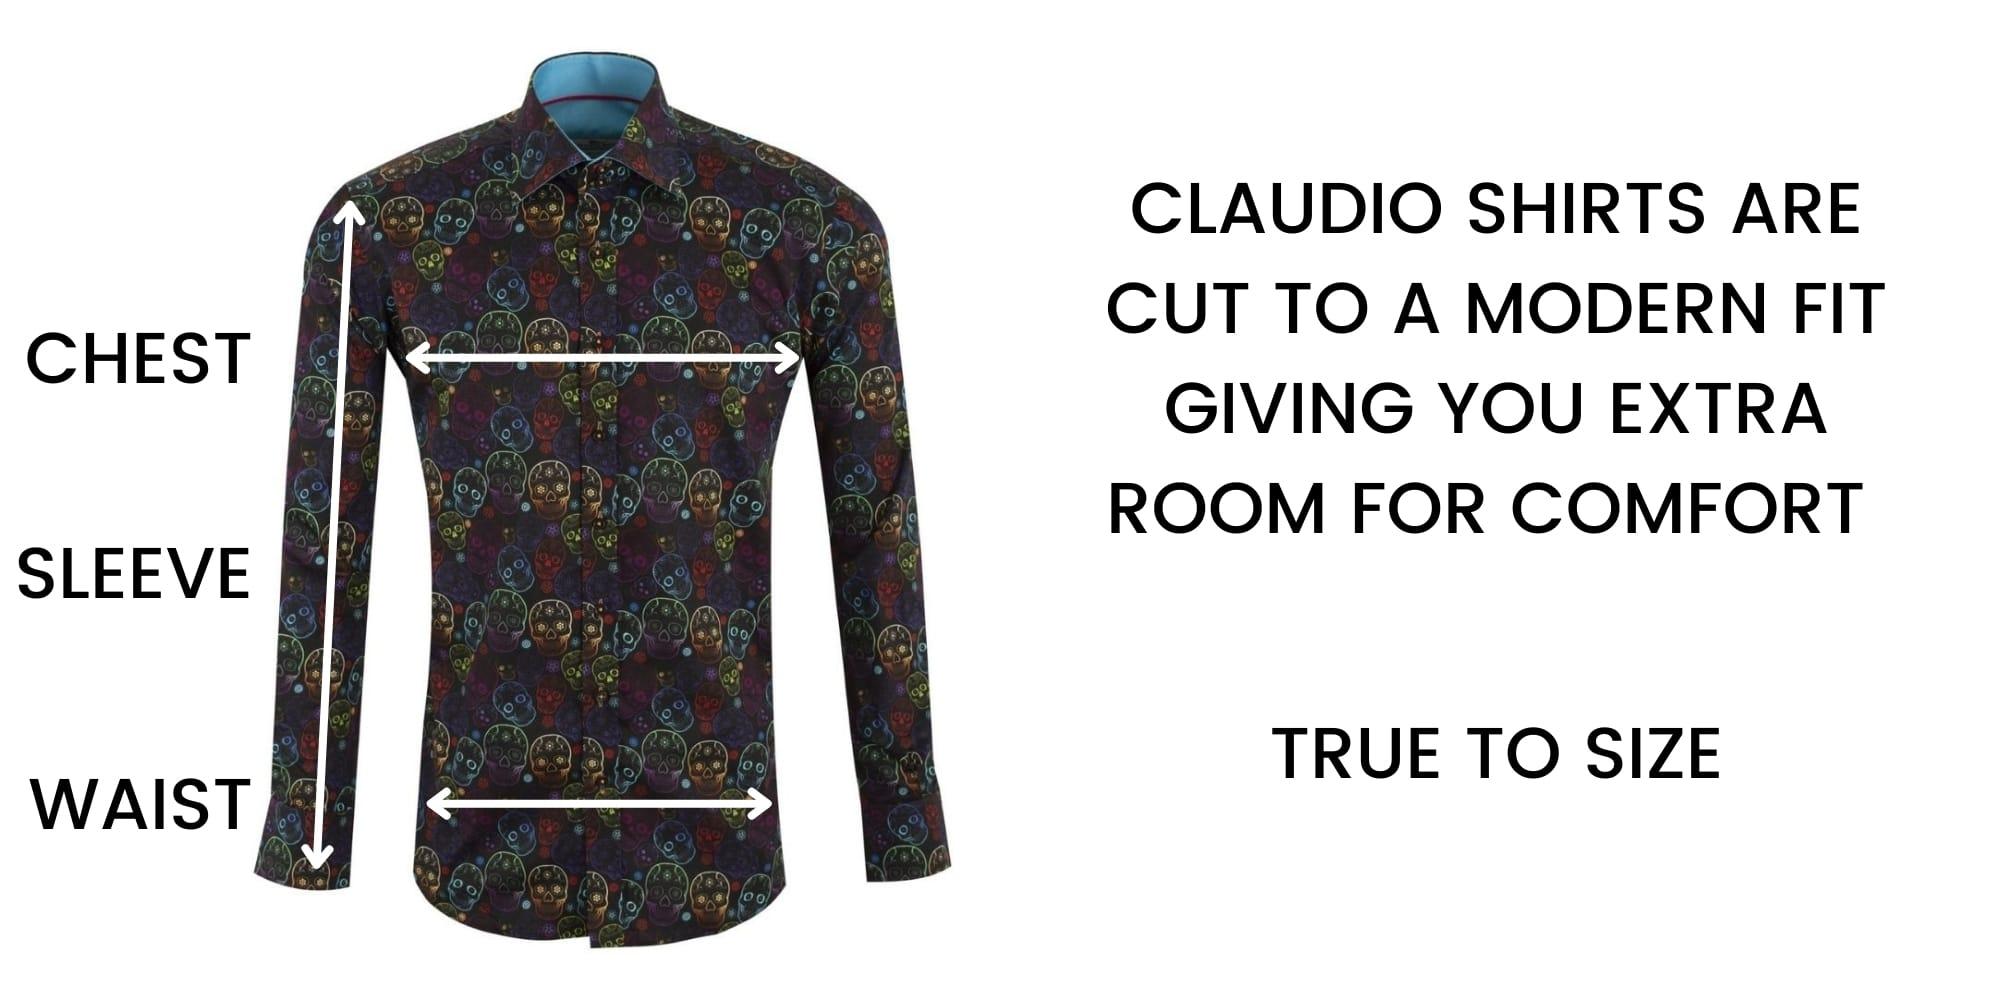 CLAUDIO LUGLI SHIRT SIZE CHART